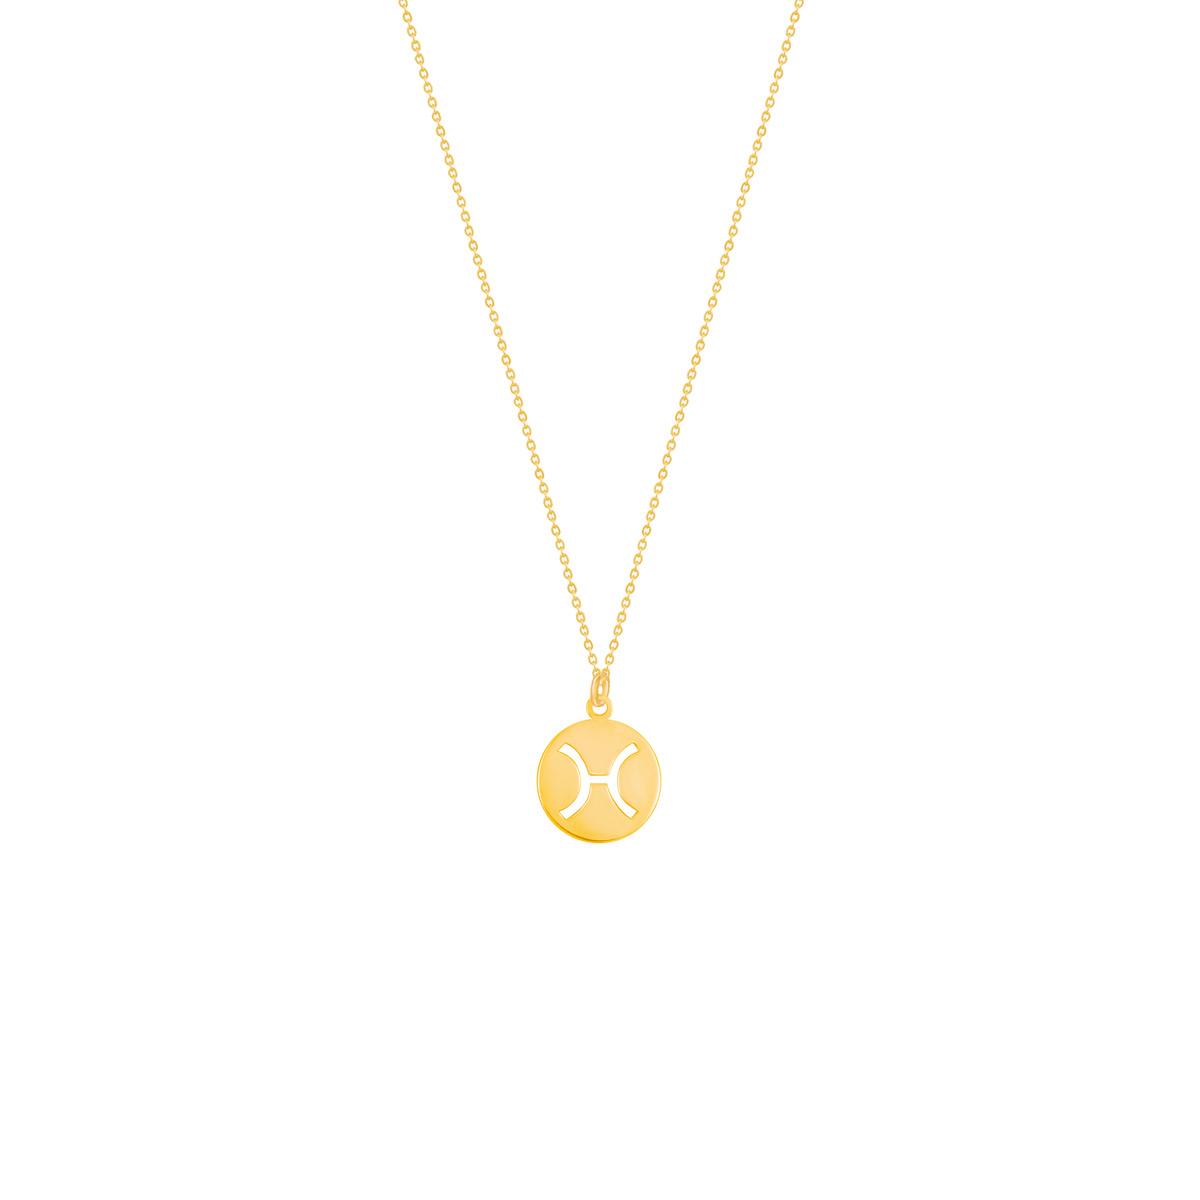 گردنبند طلا نماد ماه اسفند